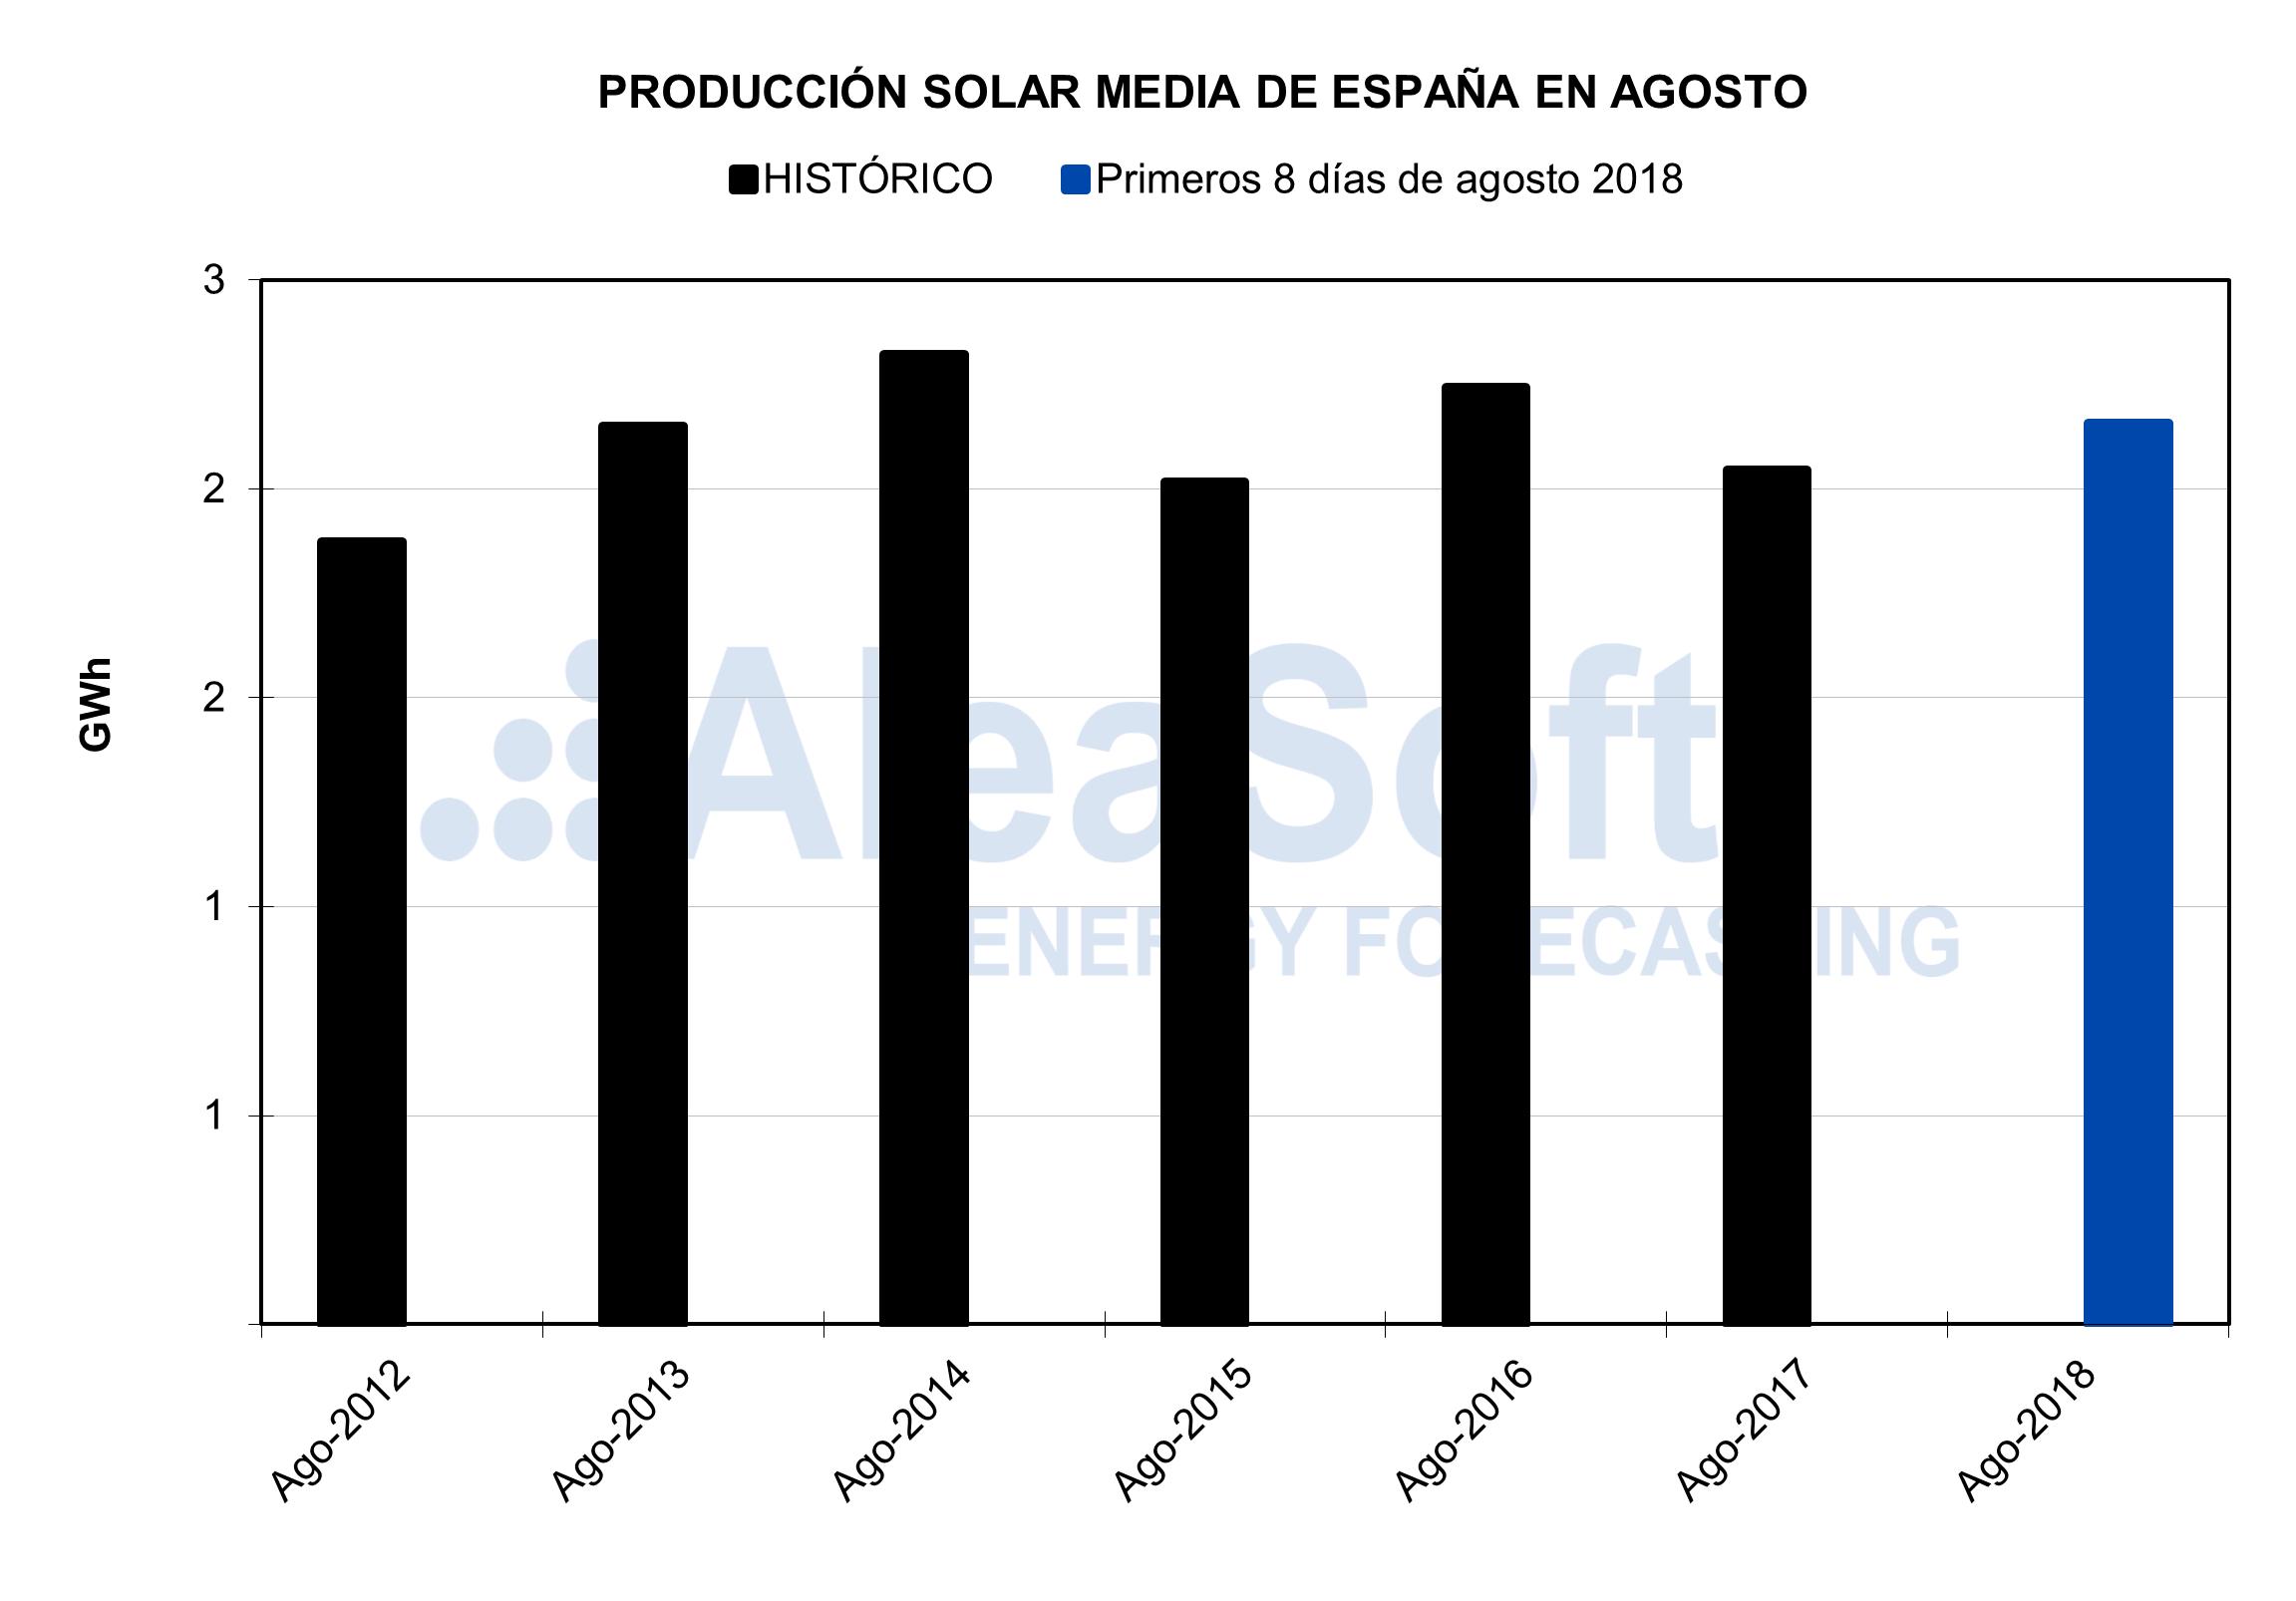 AleaSoft - Producción solar de España